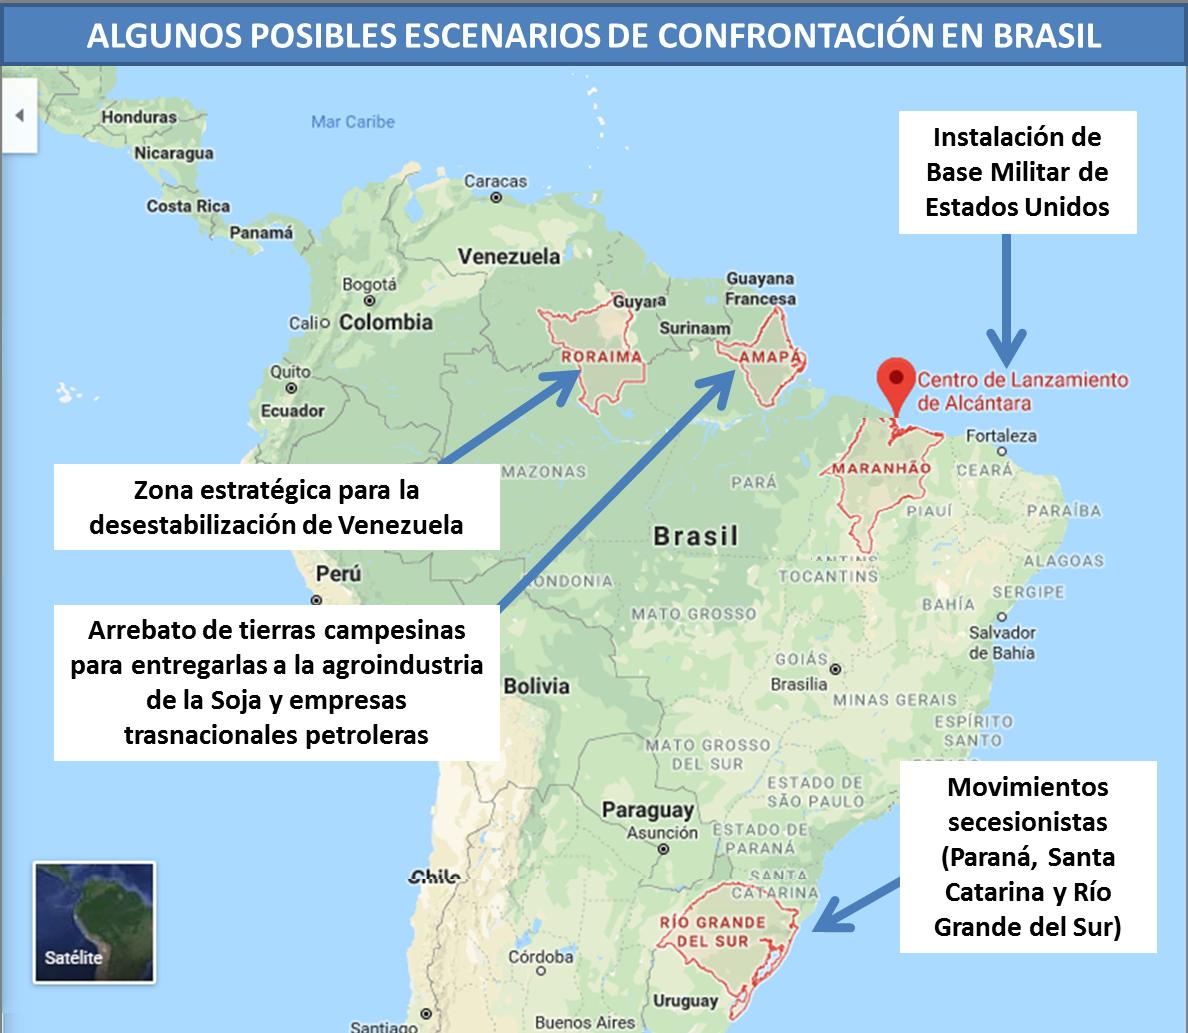 Algunos posibles escenarios de confrontación en Brasil